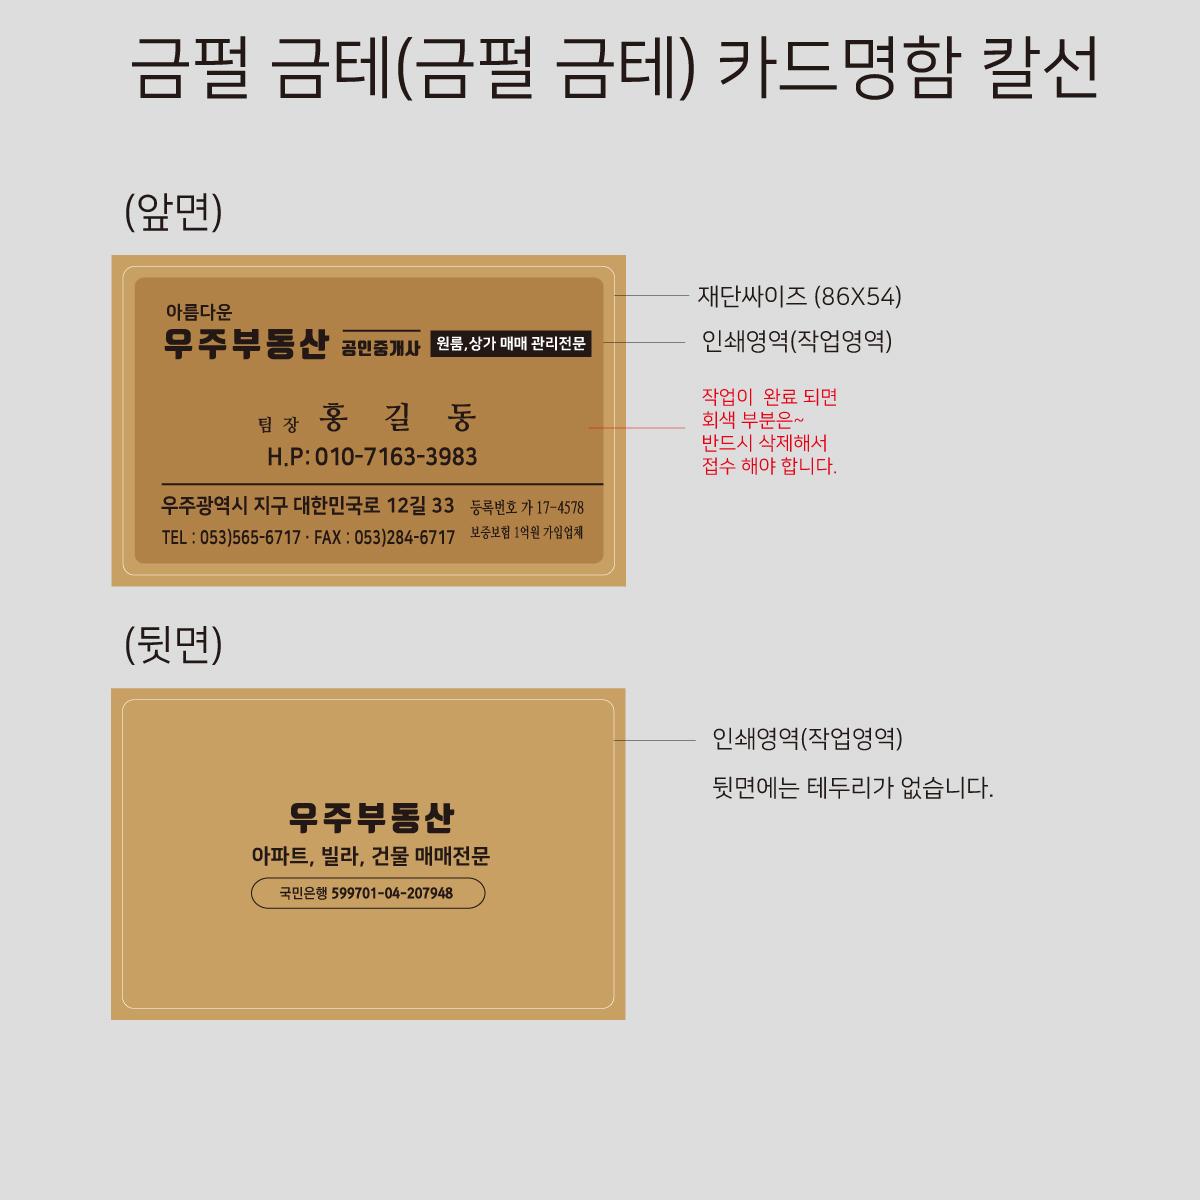 금펄금테 카드명함 칼선 밎 작업방법